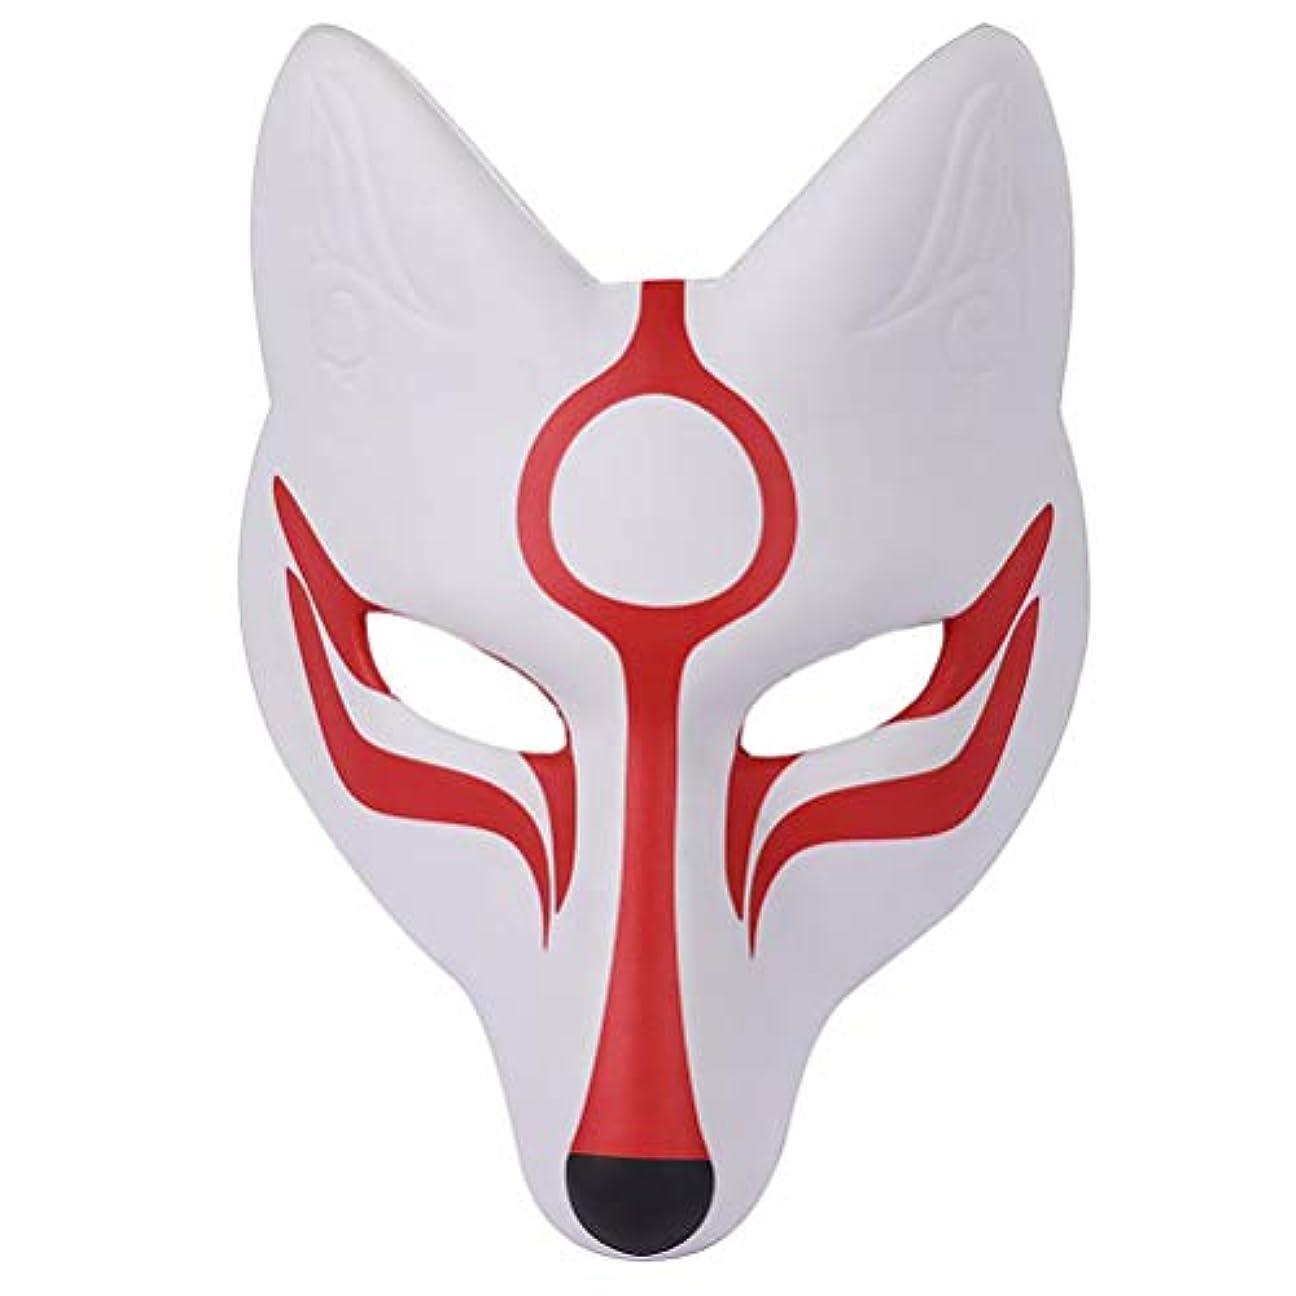 バドミントン共和国その間AMOSFUN フォックスマスク日本歌舞伎きつねマスク用男性女性子供ハロウィーン仮装衣装プロップ